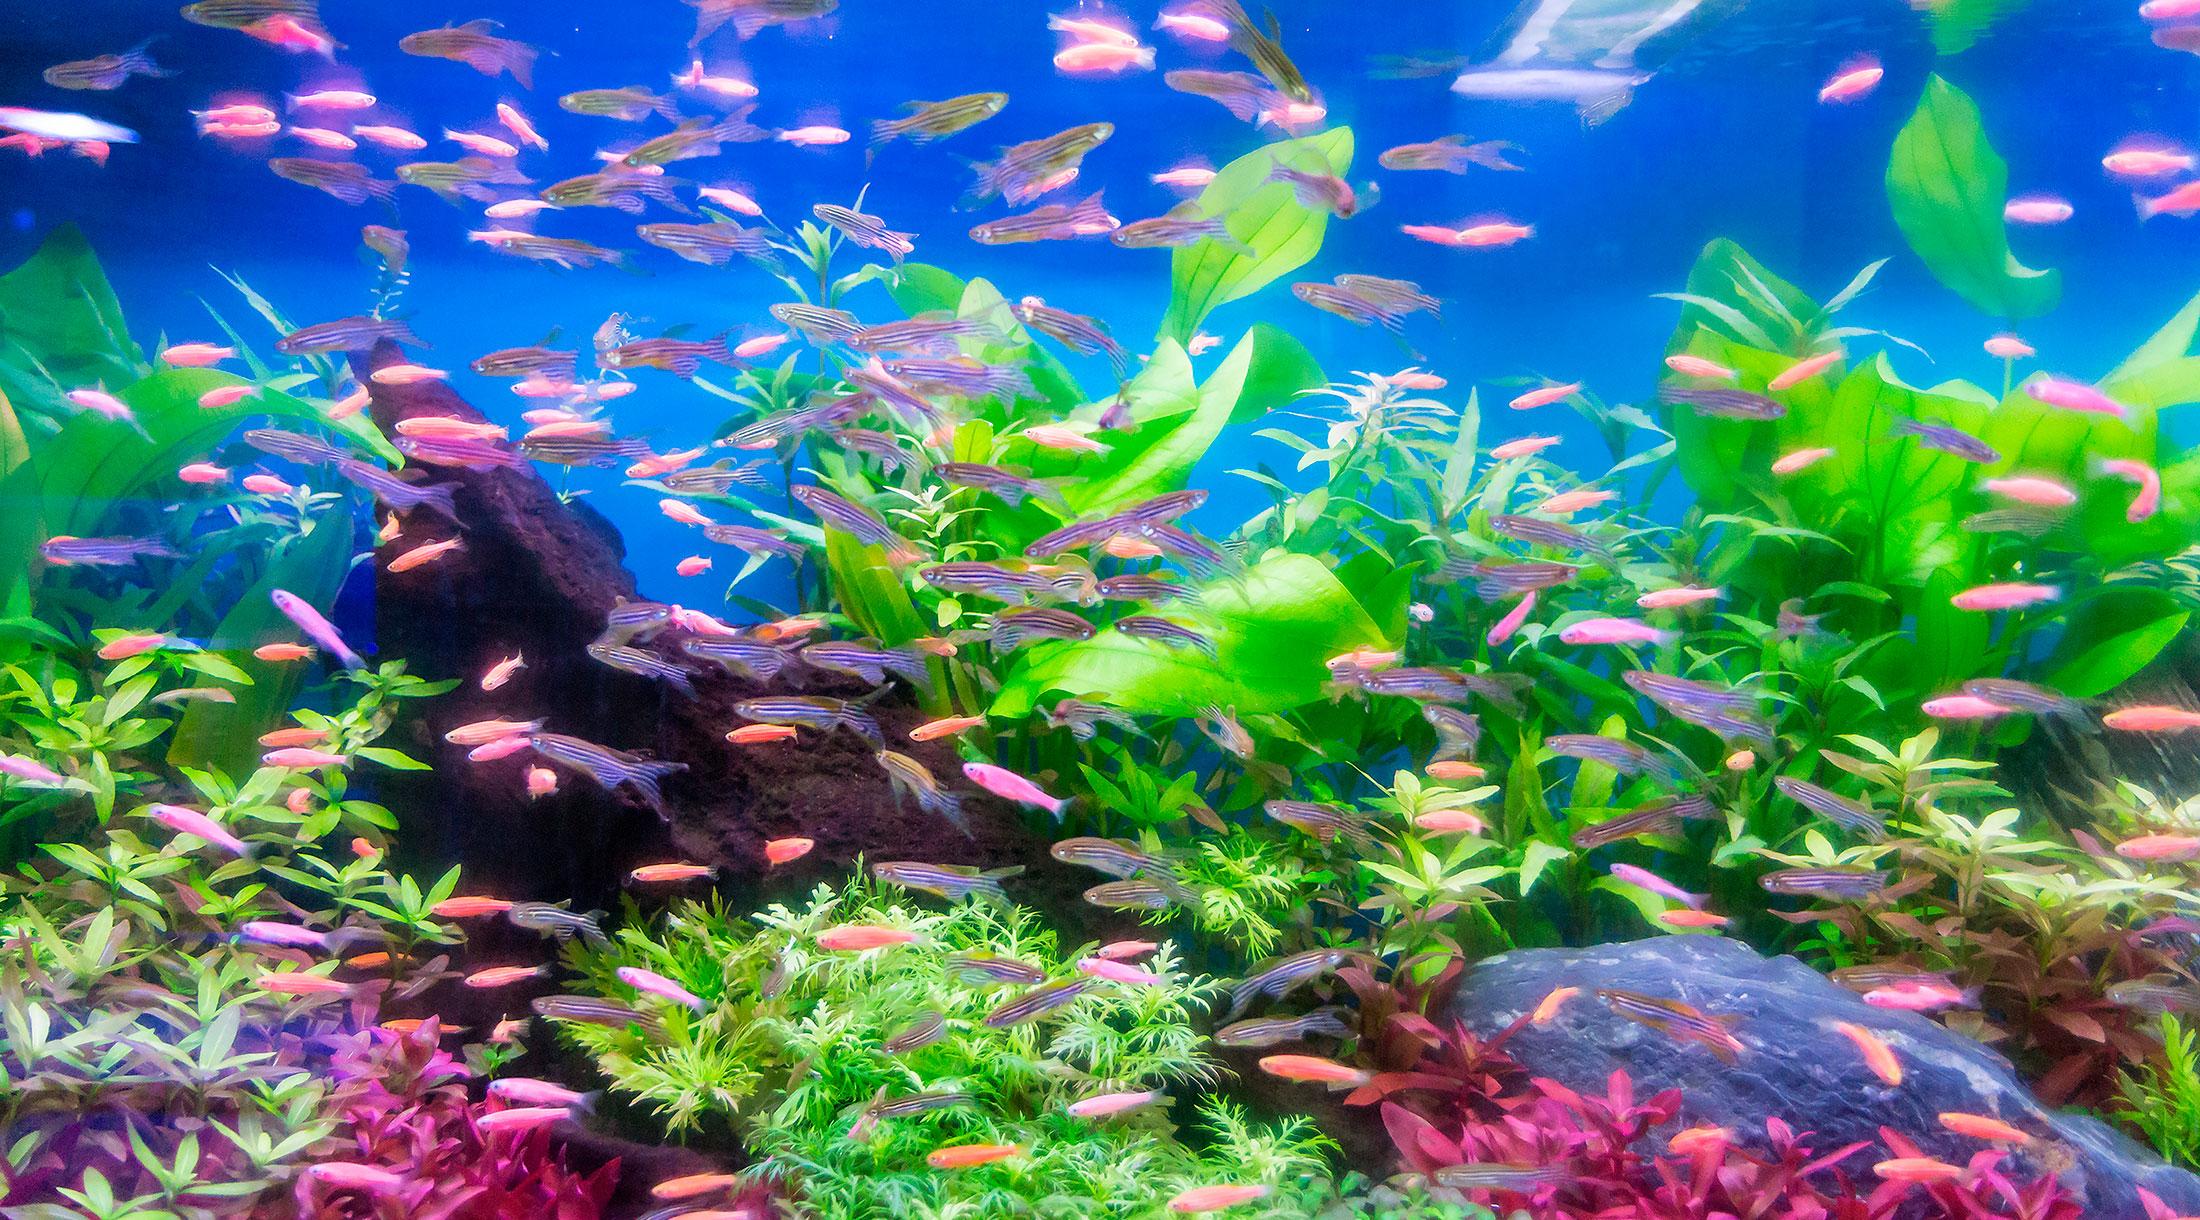 Aclimatar peces en un nuevo acuario wikiacuario for Peces ornamentales acuarios